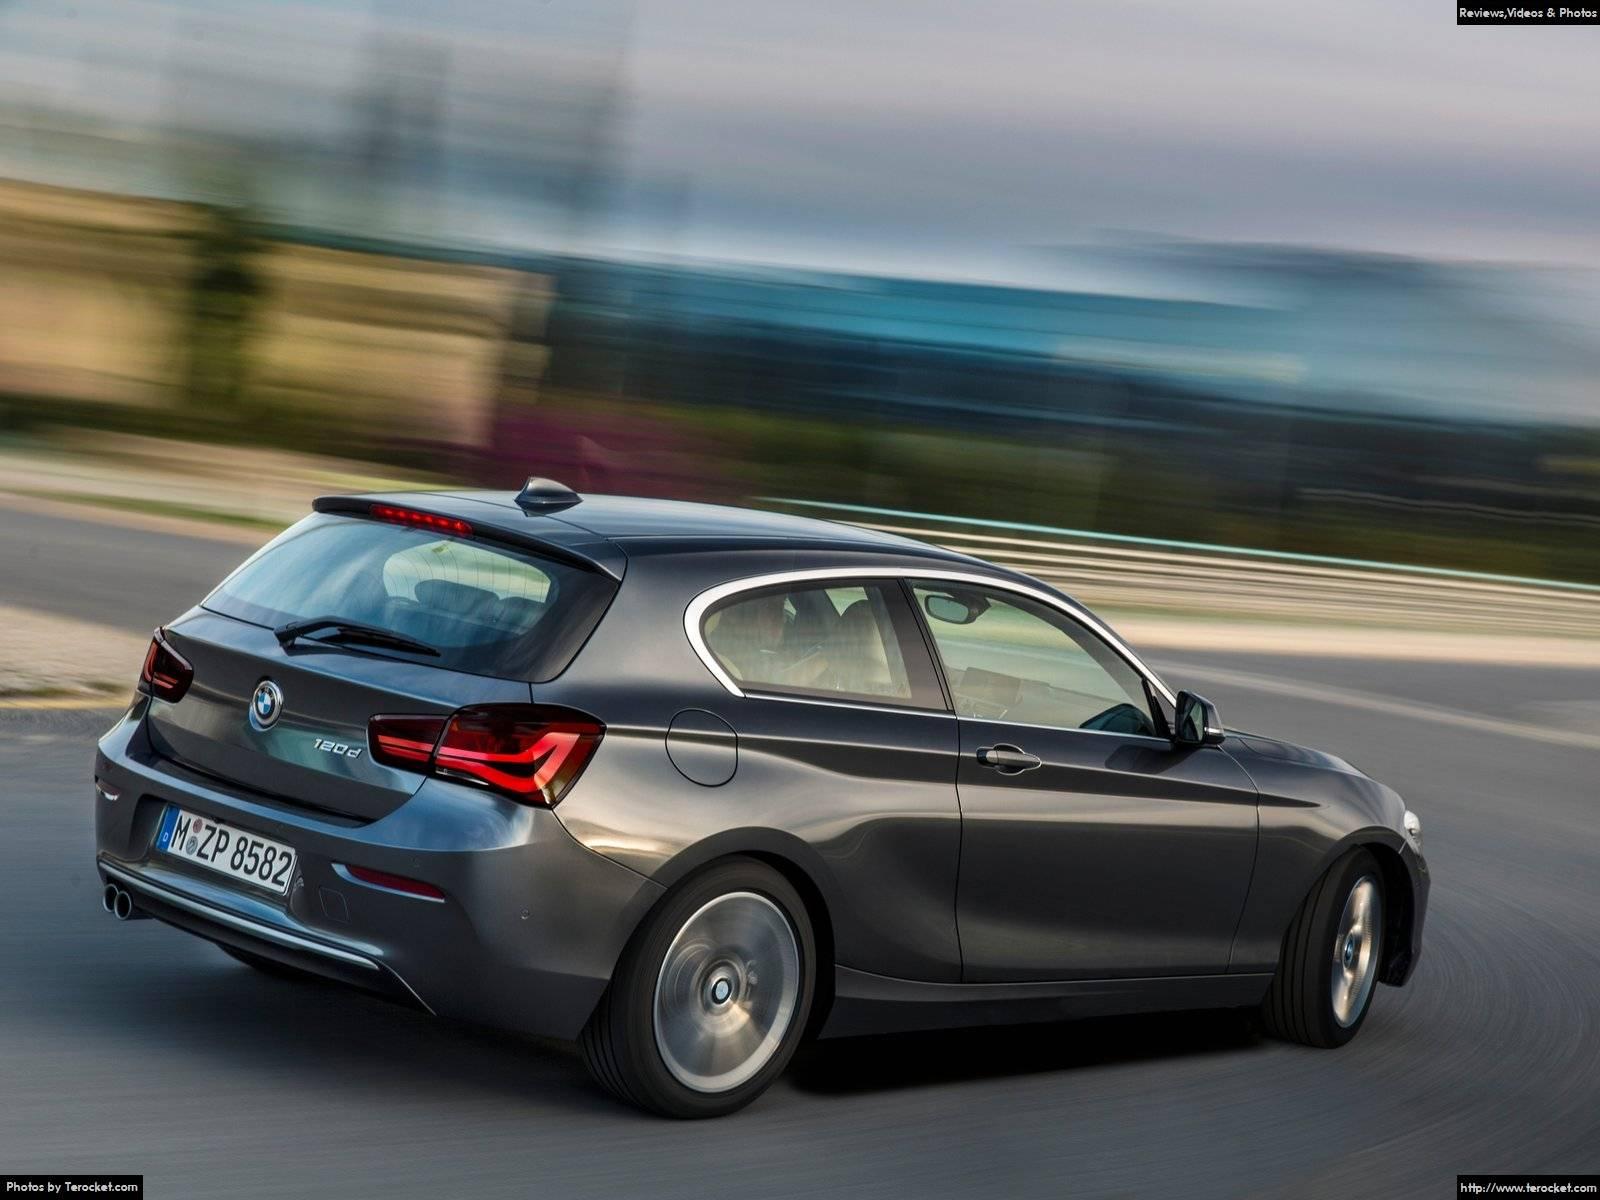 Hình ảnh xe ô tô BMW 1-Series 3-door 2016 & nội ngoại thất